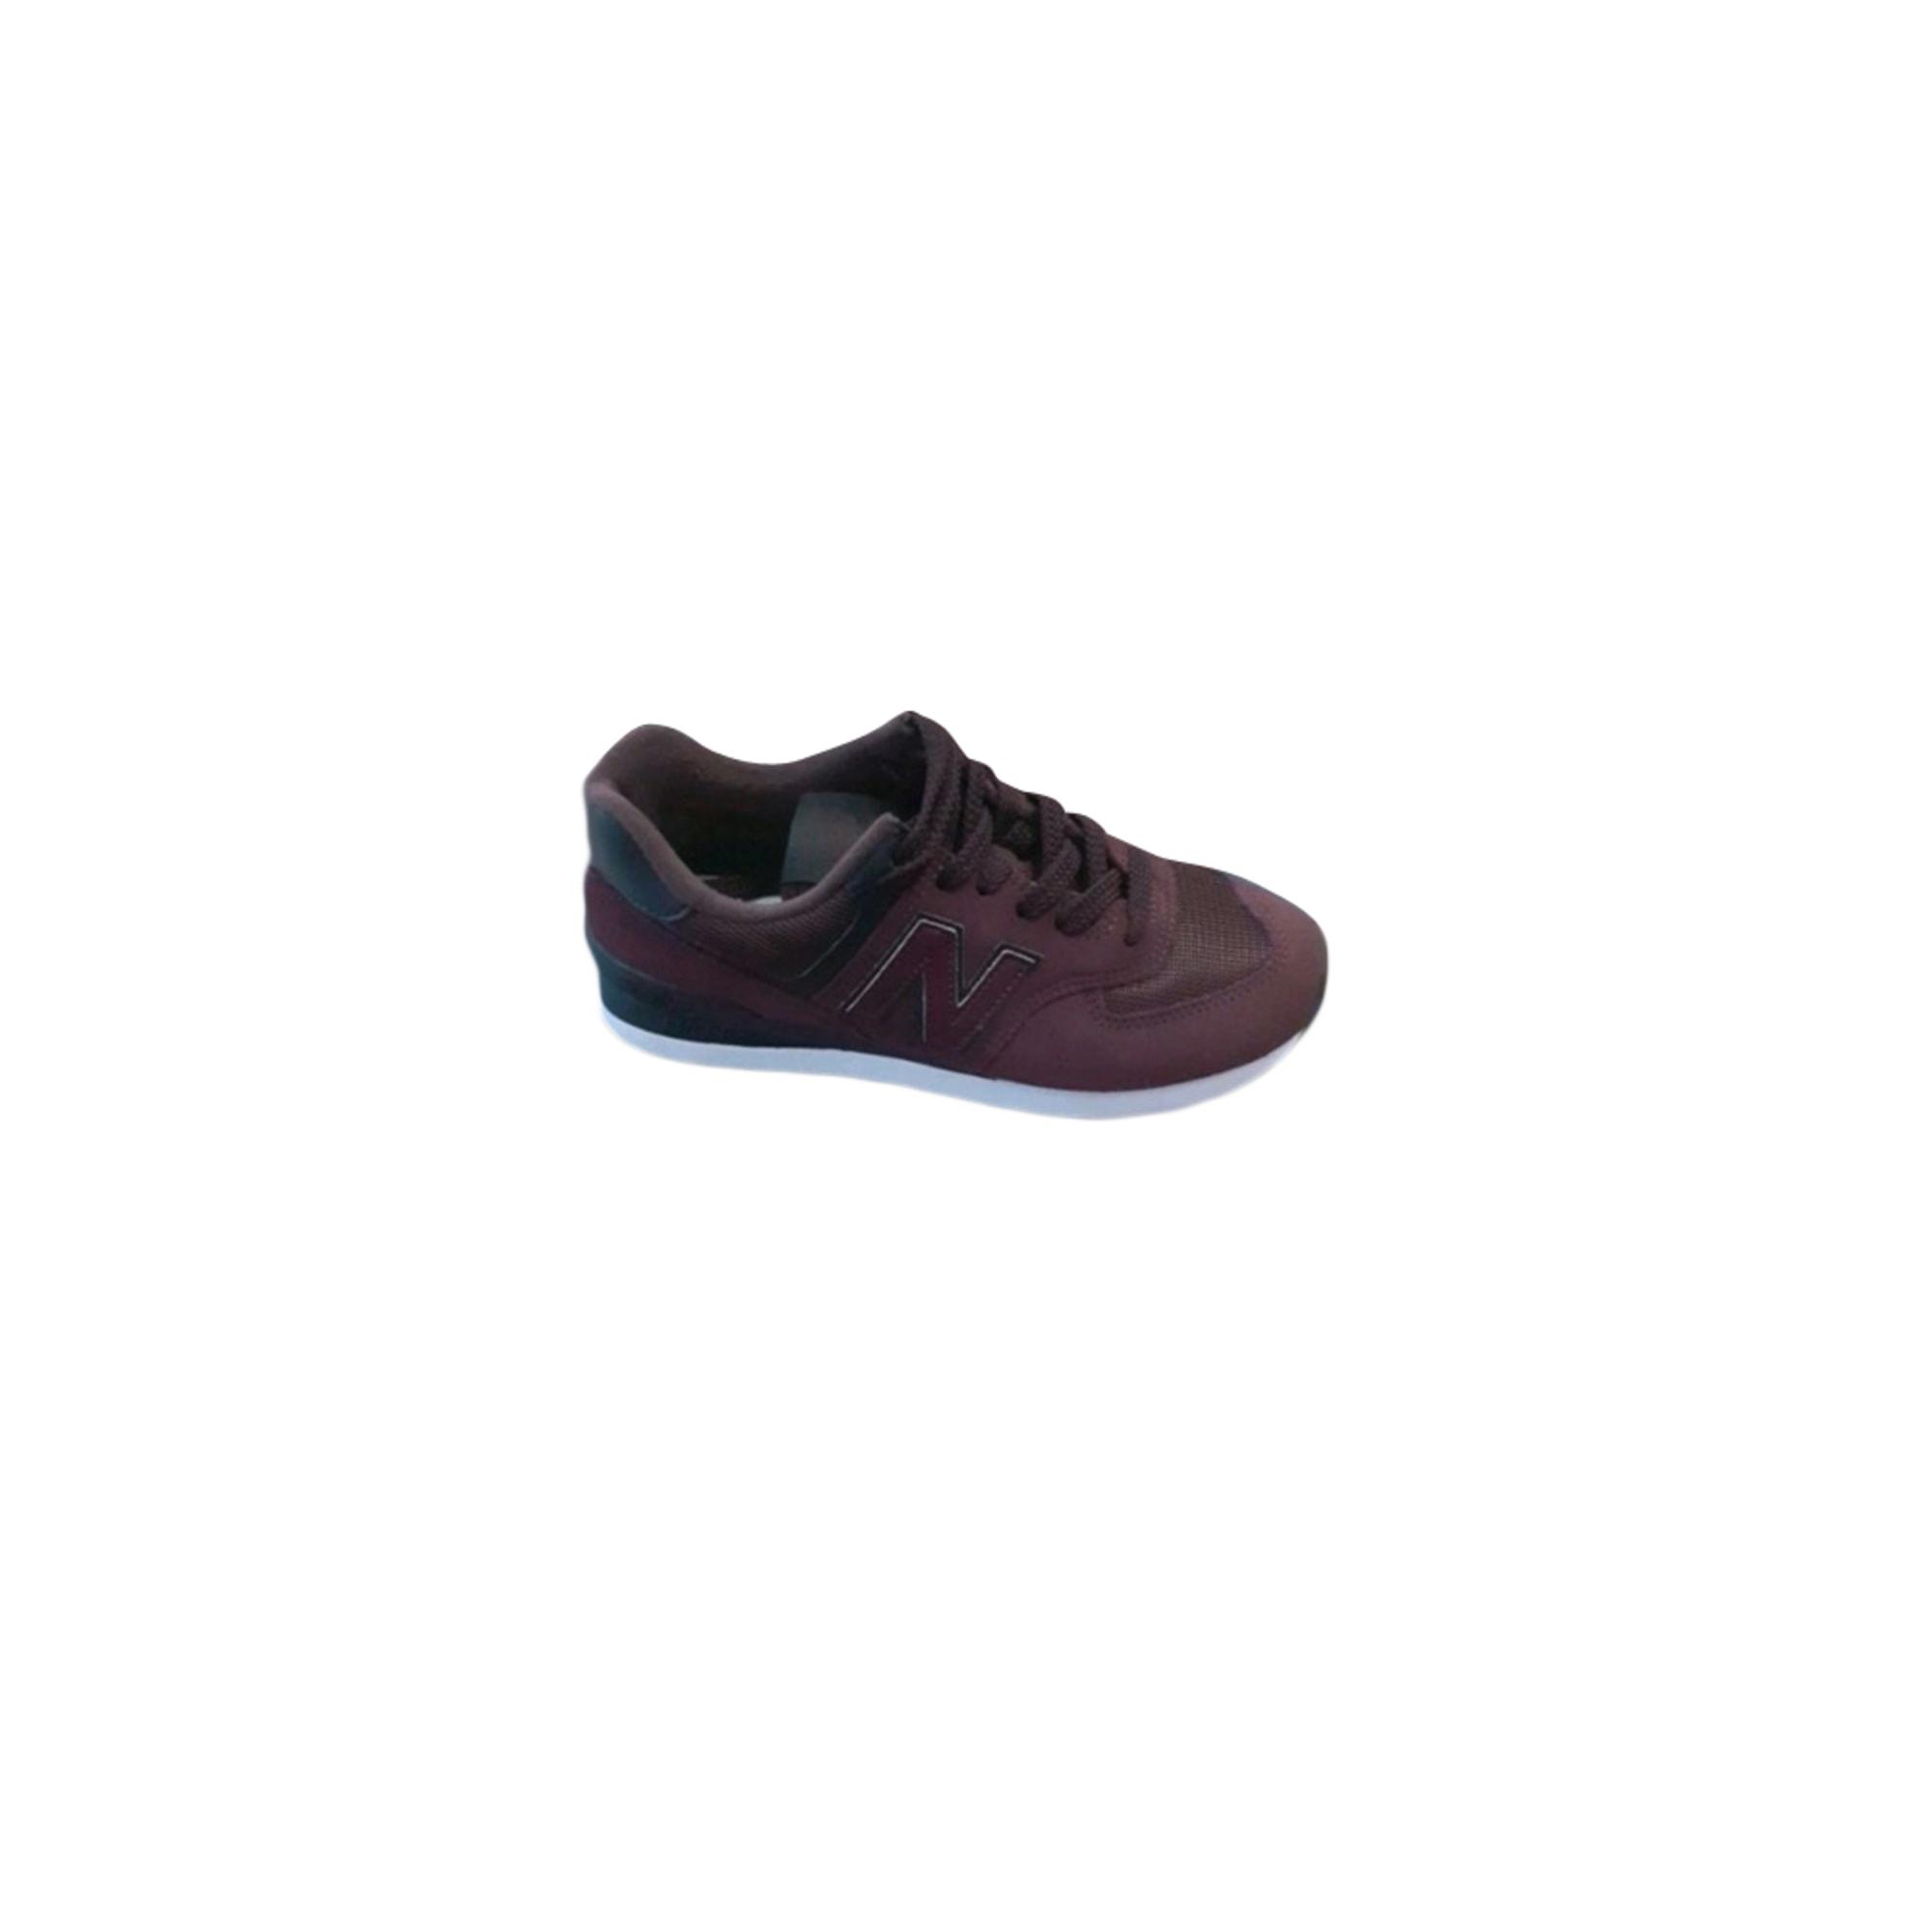 Chaussures de sport NEW BALANCE Rouge, bordeaux